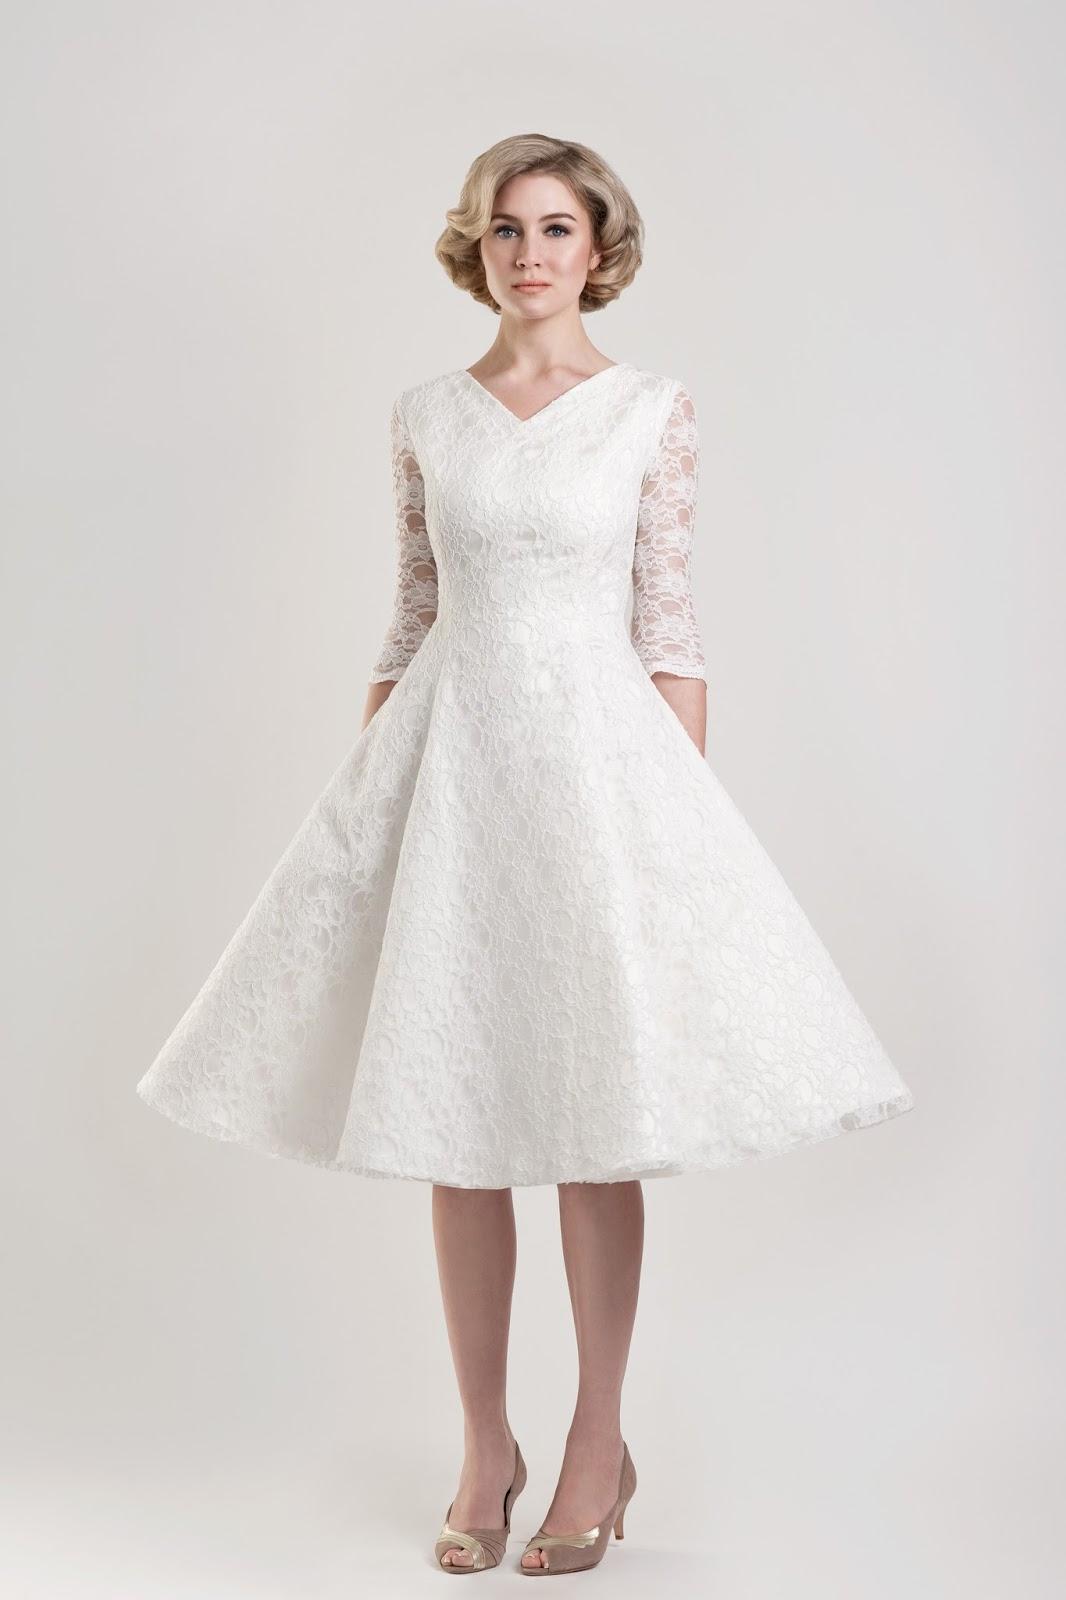 Wedding Photos of Older Brides, Images of Older Brides, Older Ladies Wedding Dresses, Older Bride Dresses with Sleeves, Senior Brides Wedding Dress